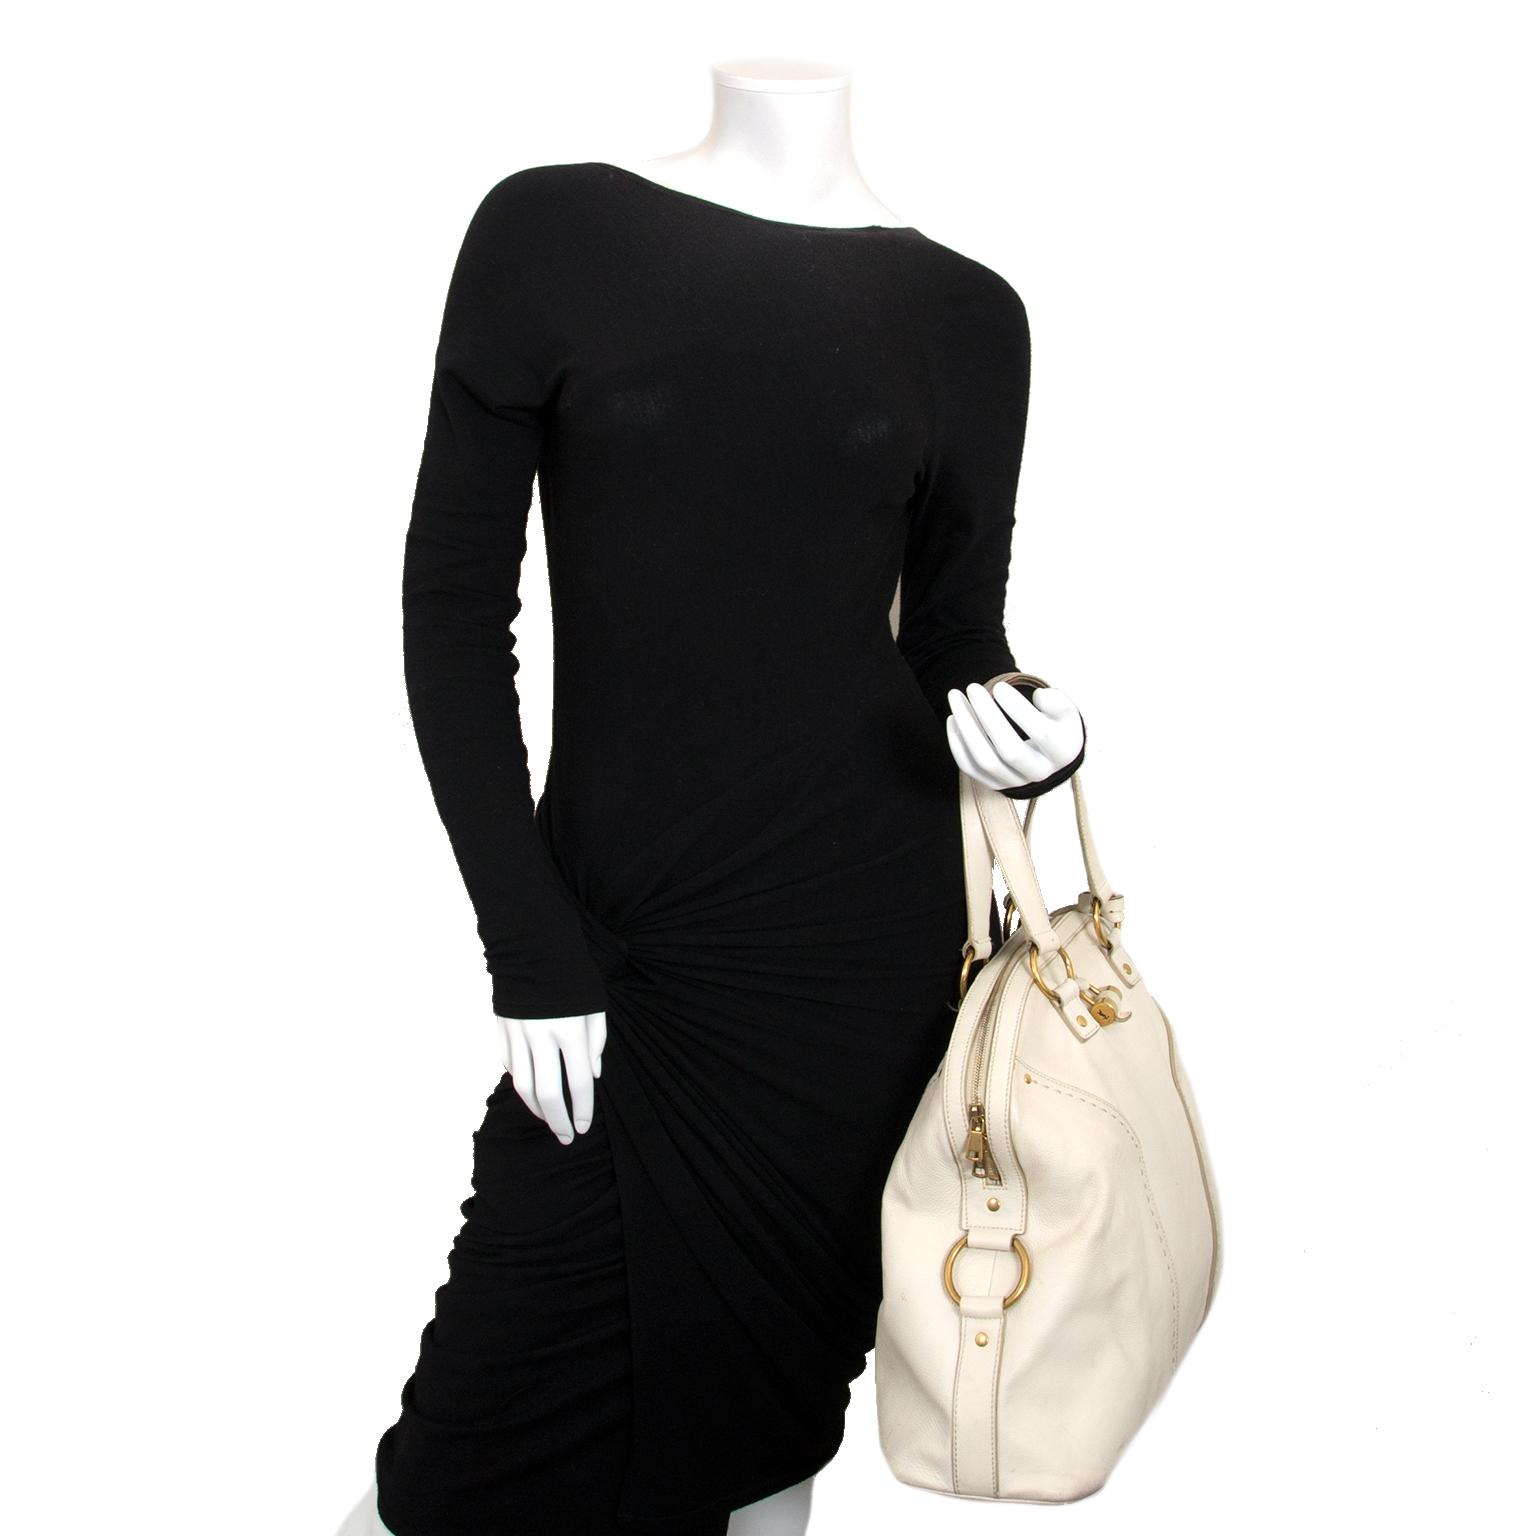 Koop en verkoop uw 100% authentieke Yves Saint Laurent White Muse Bag bij Labellov